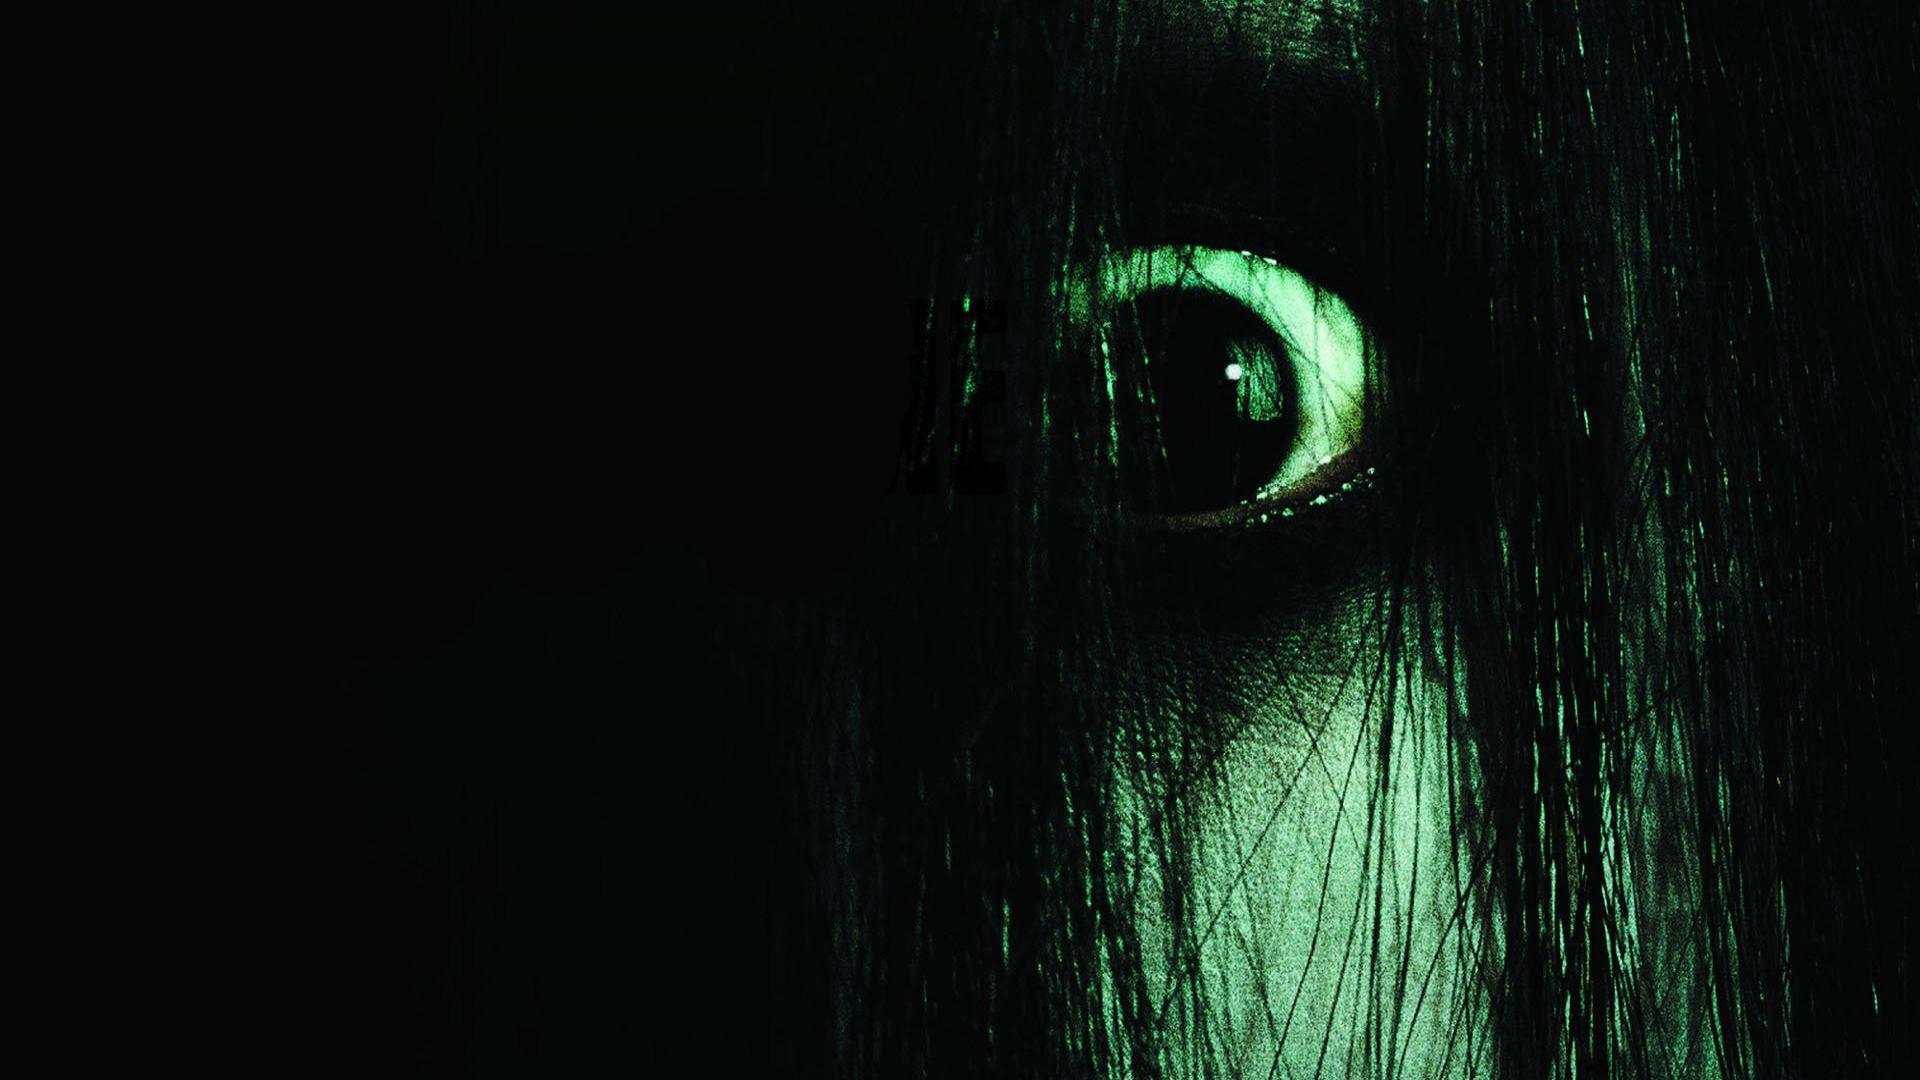 Красная рука, черная простыня и зеленые обои (о токсичности мышьяка). Red hand, black sheet and green wallpaper (about arsenic toxicity)